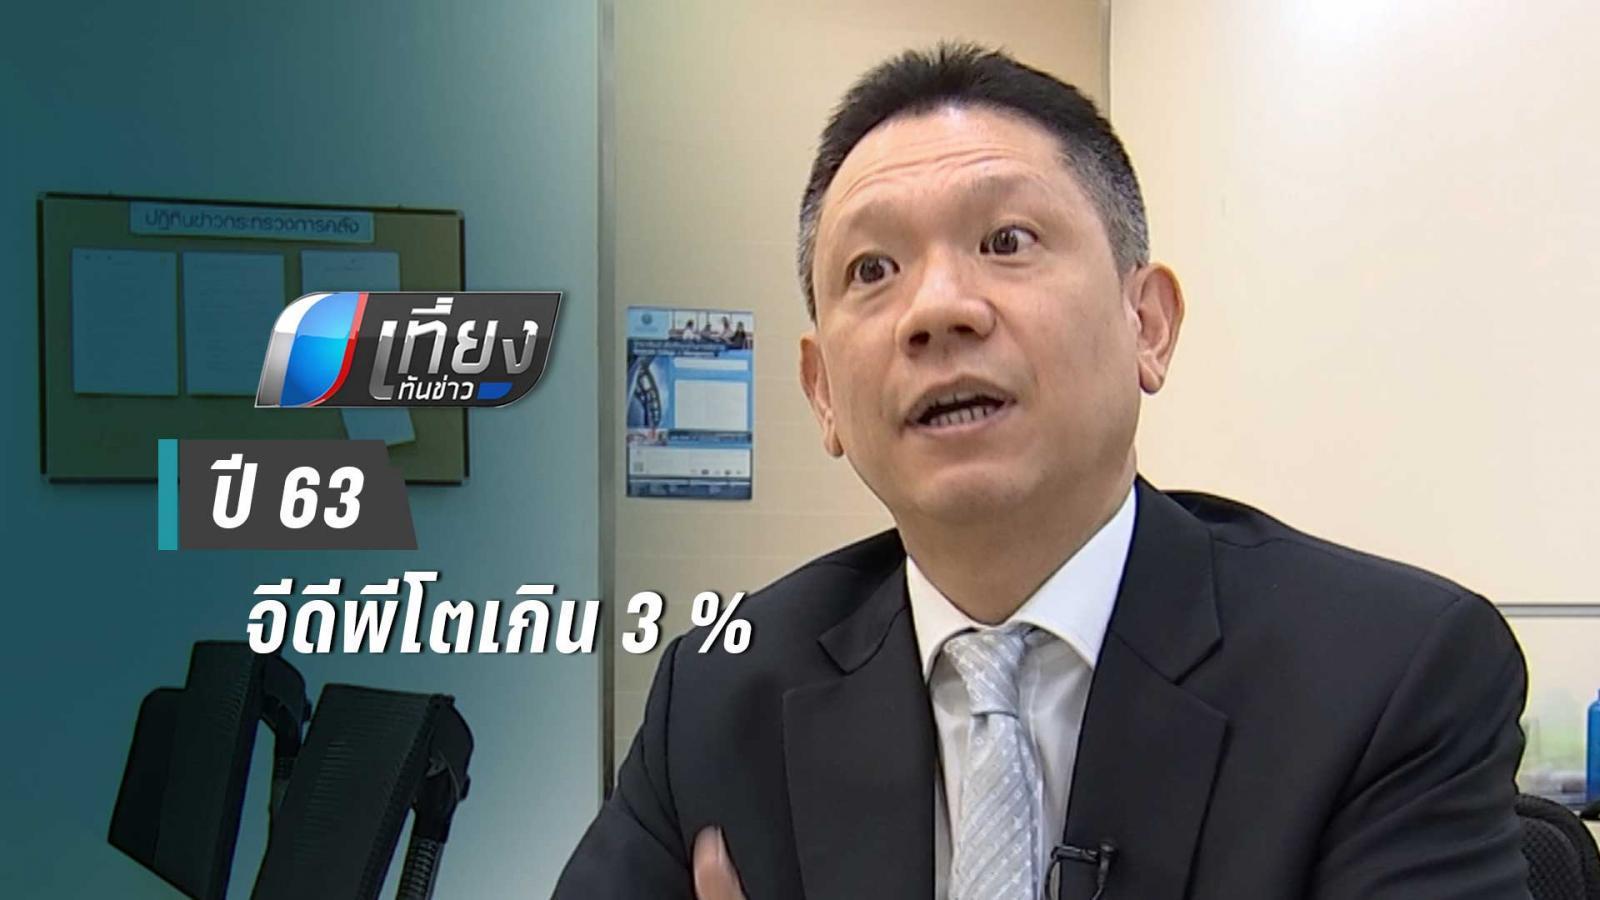 สศค. คาดเศรษฐกิจไทยปี 63 มีแนวโน้มดีขึ้น จีดีพีโตเกิน 3 %